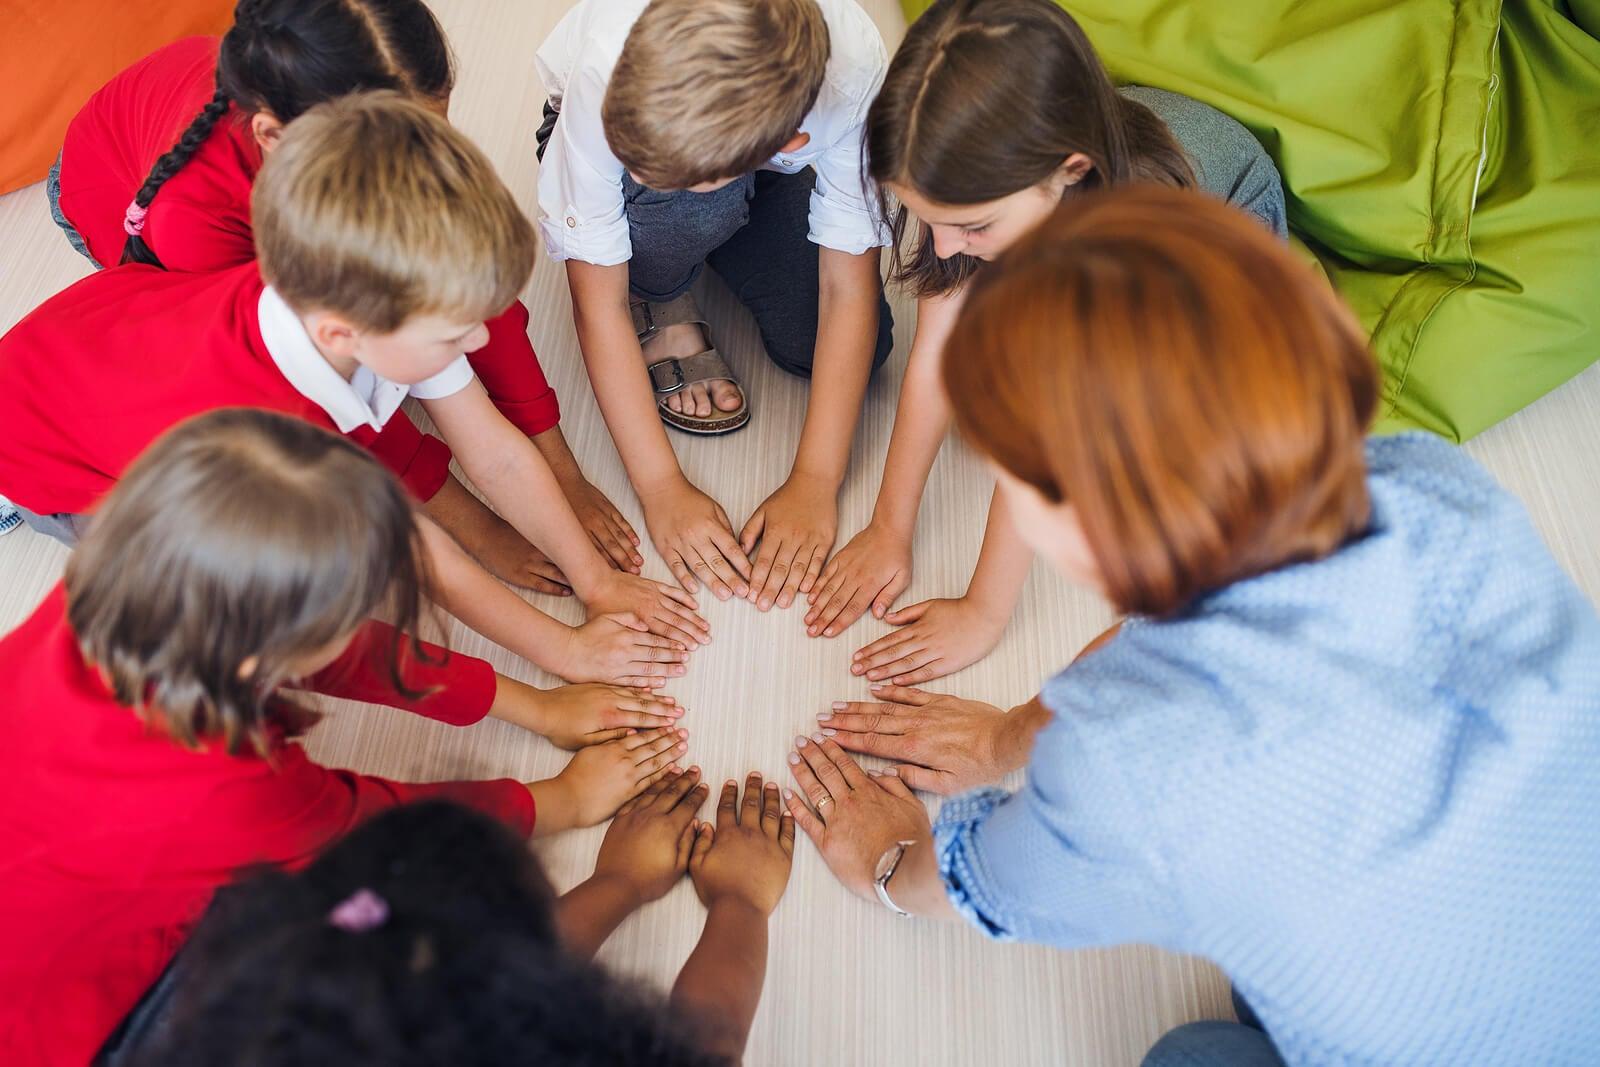 Profesora con sus alumnos haciendo el círculo mágico.